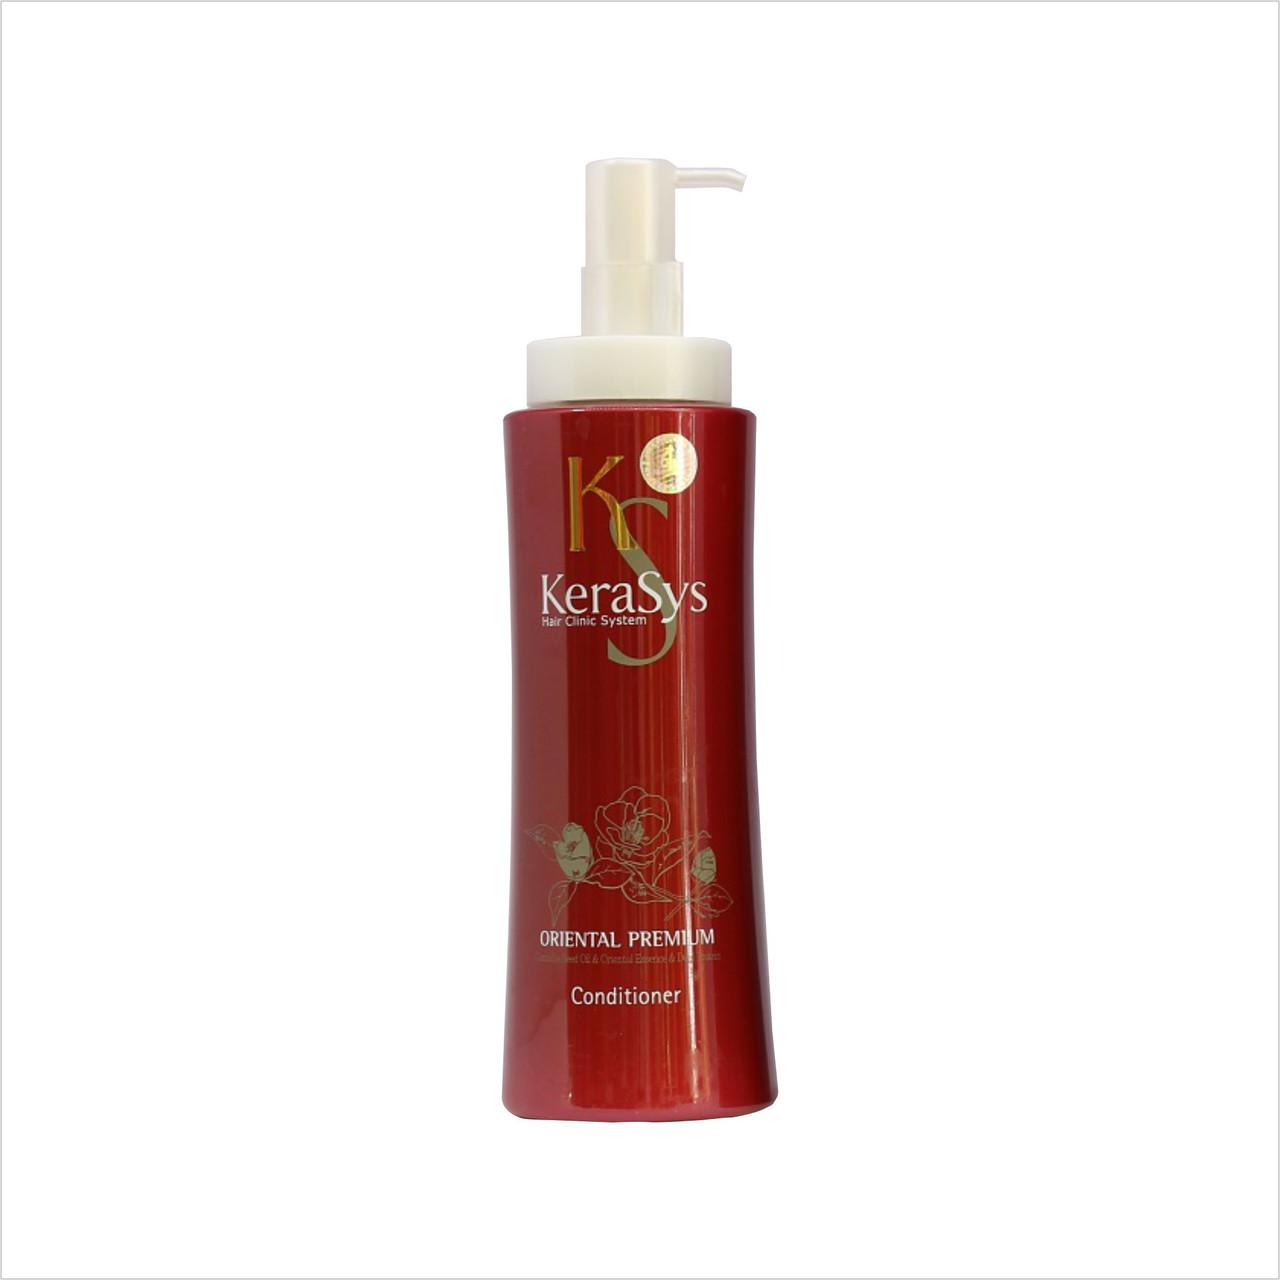 KeraSys Oriental Premium Conditioner Кондиционер для волос Премиум на экстракте восточных трав 600 мл